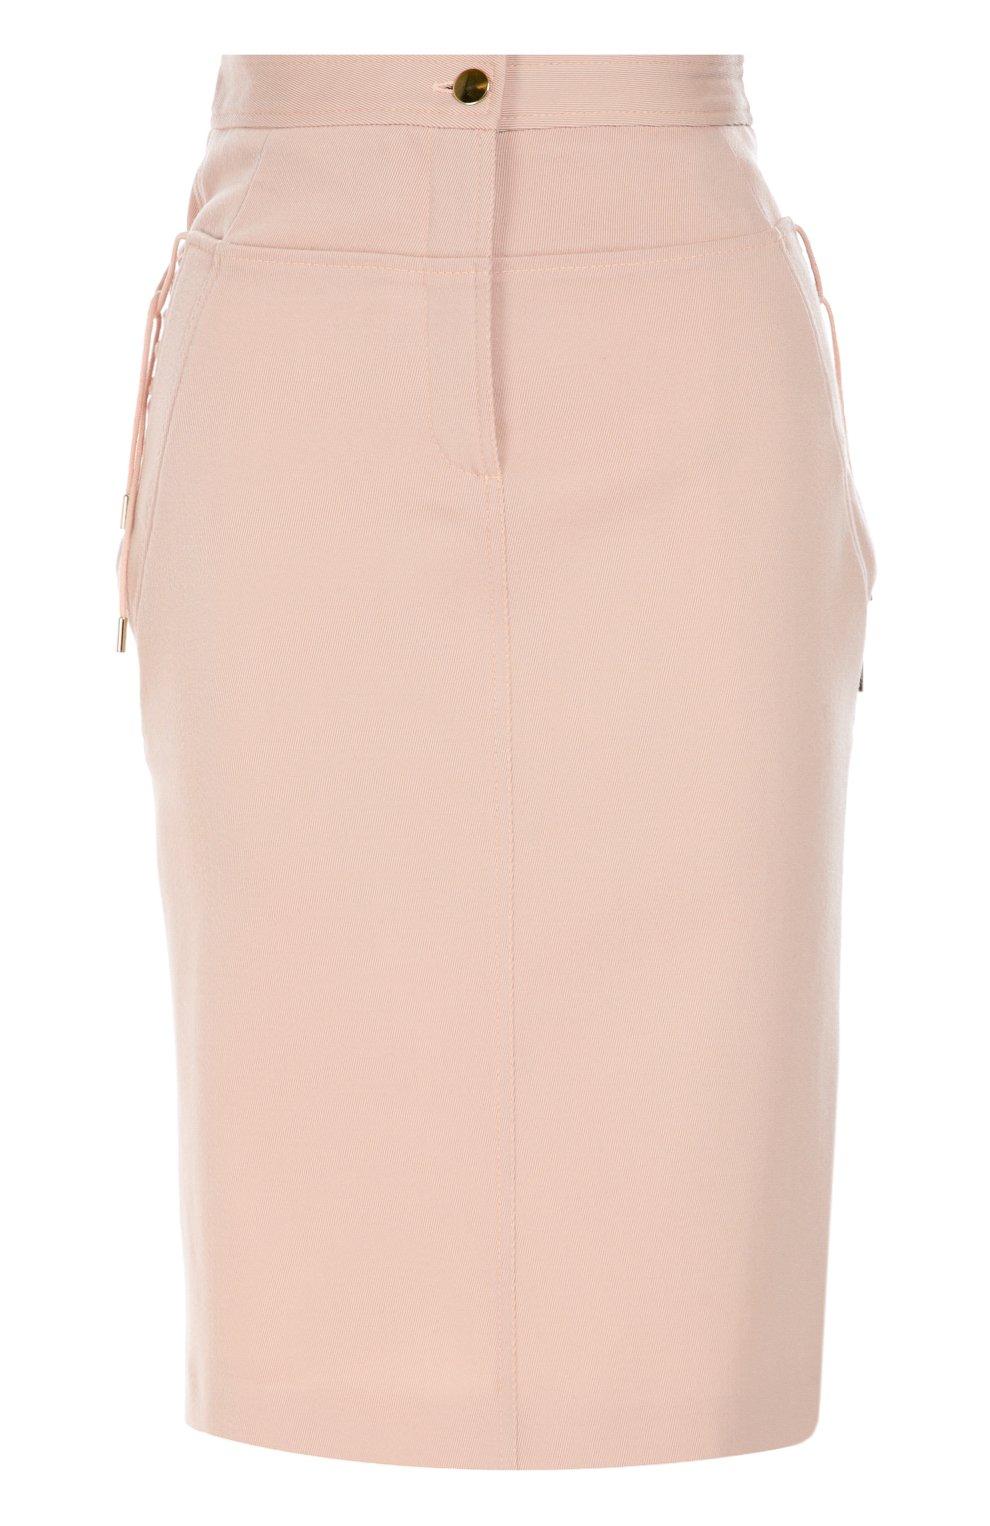 Женская юбка карандаш купить в москве